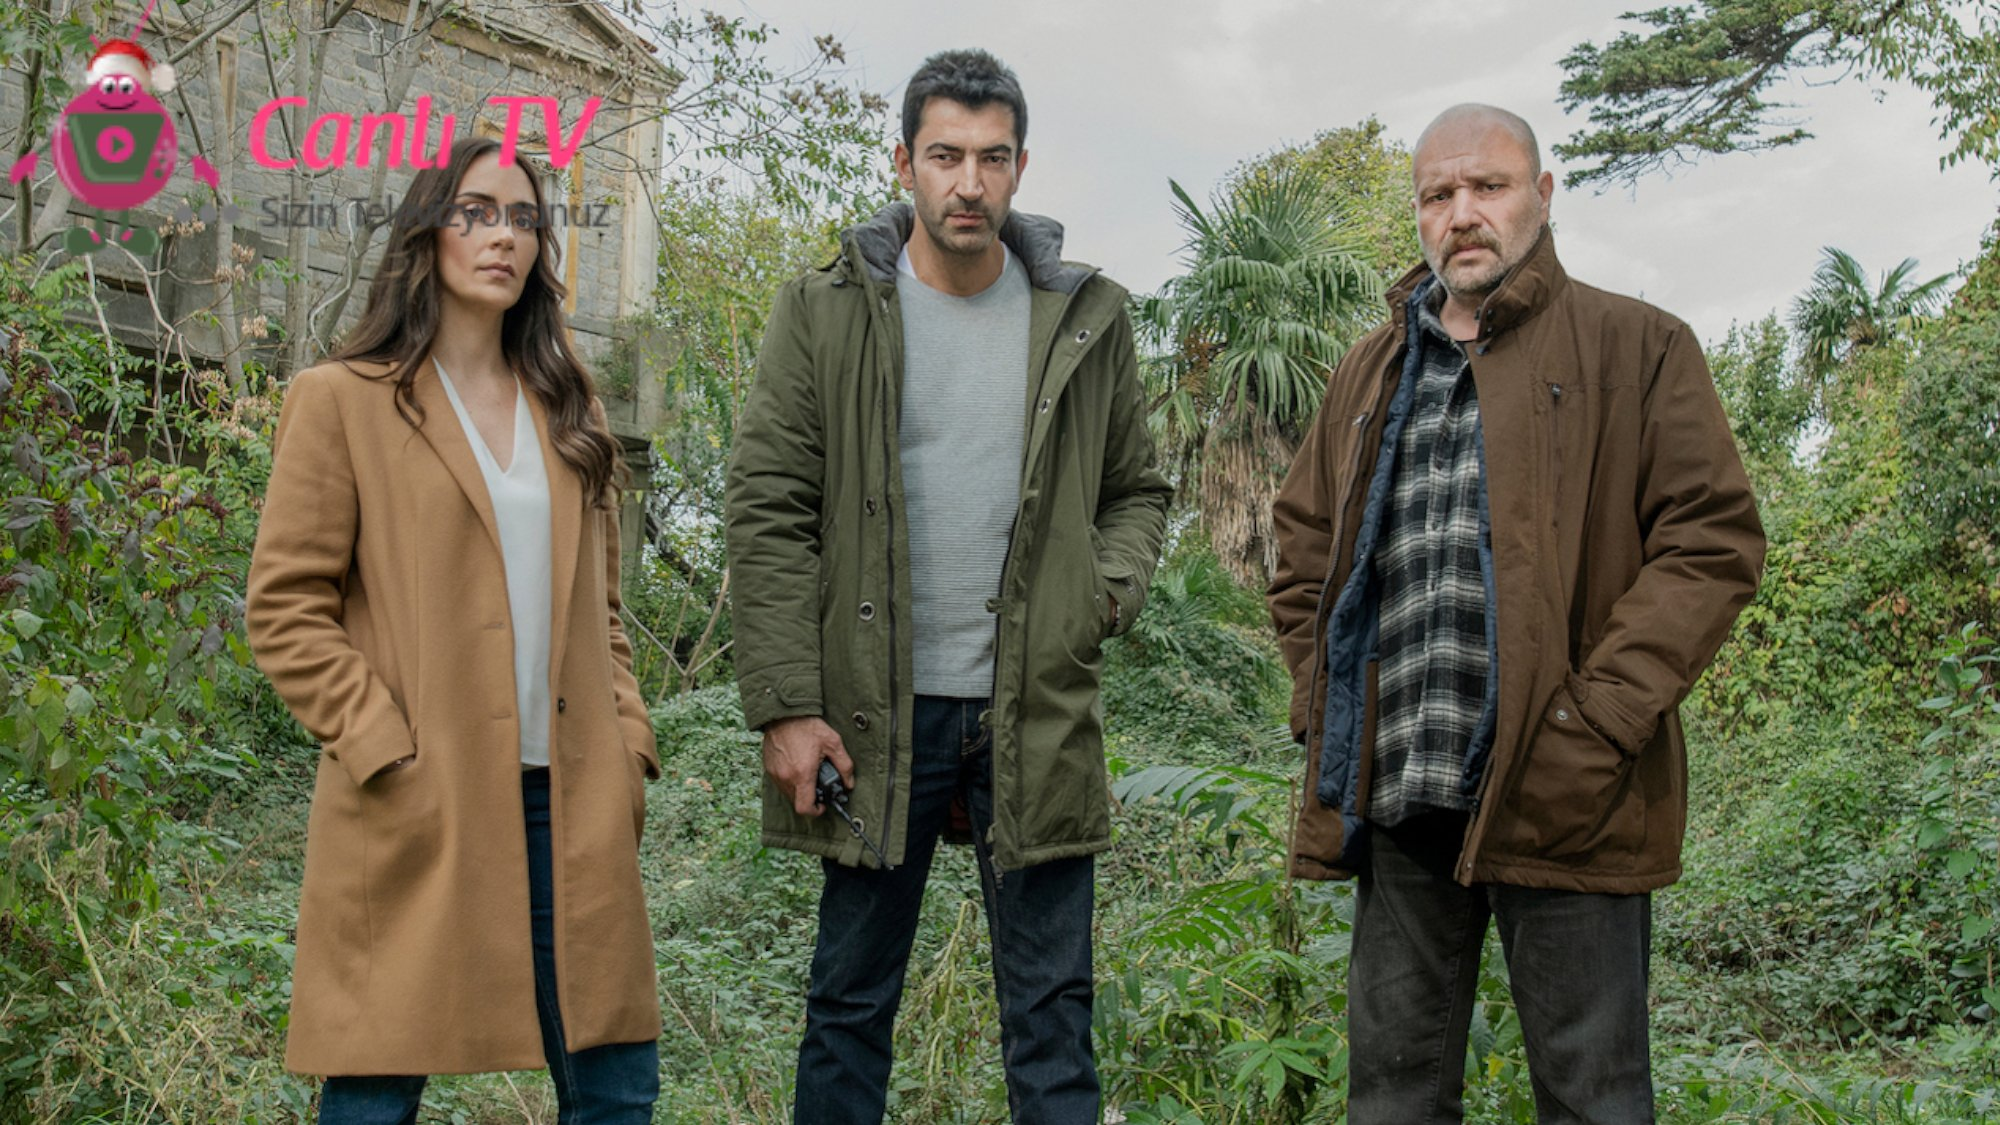 Türkiyenin İlk Mistik Polisiye Dizisi Alef Sinema Filmi Kalitesinde Olacak!